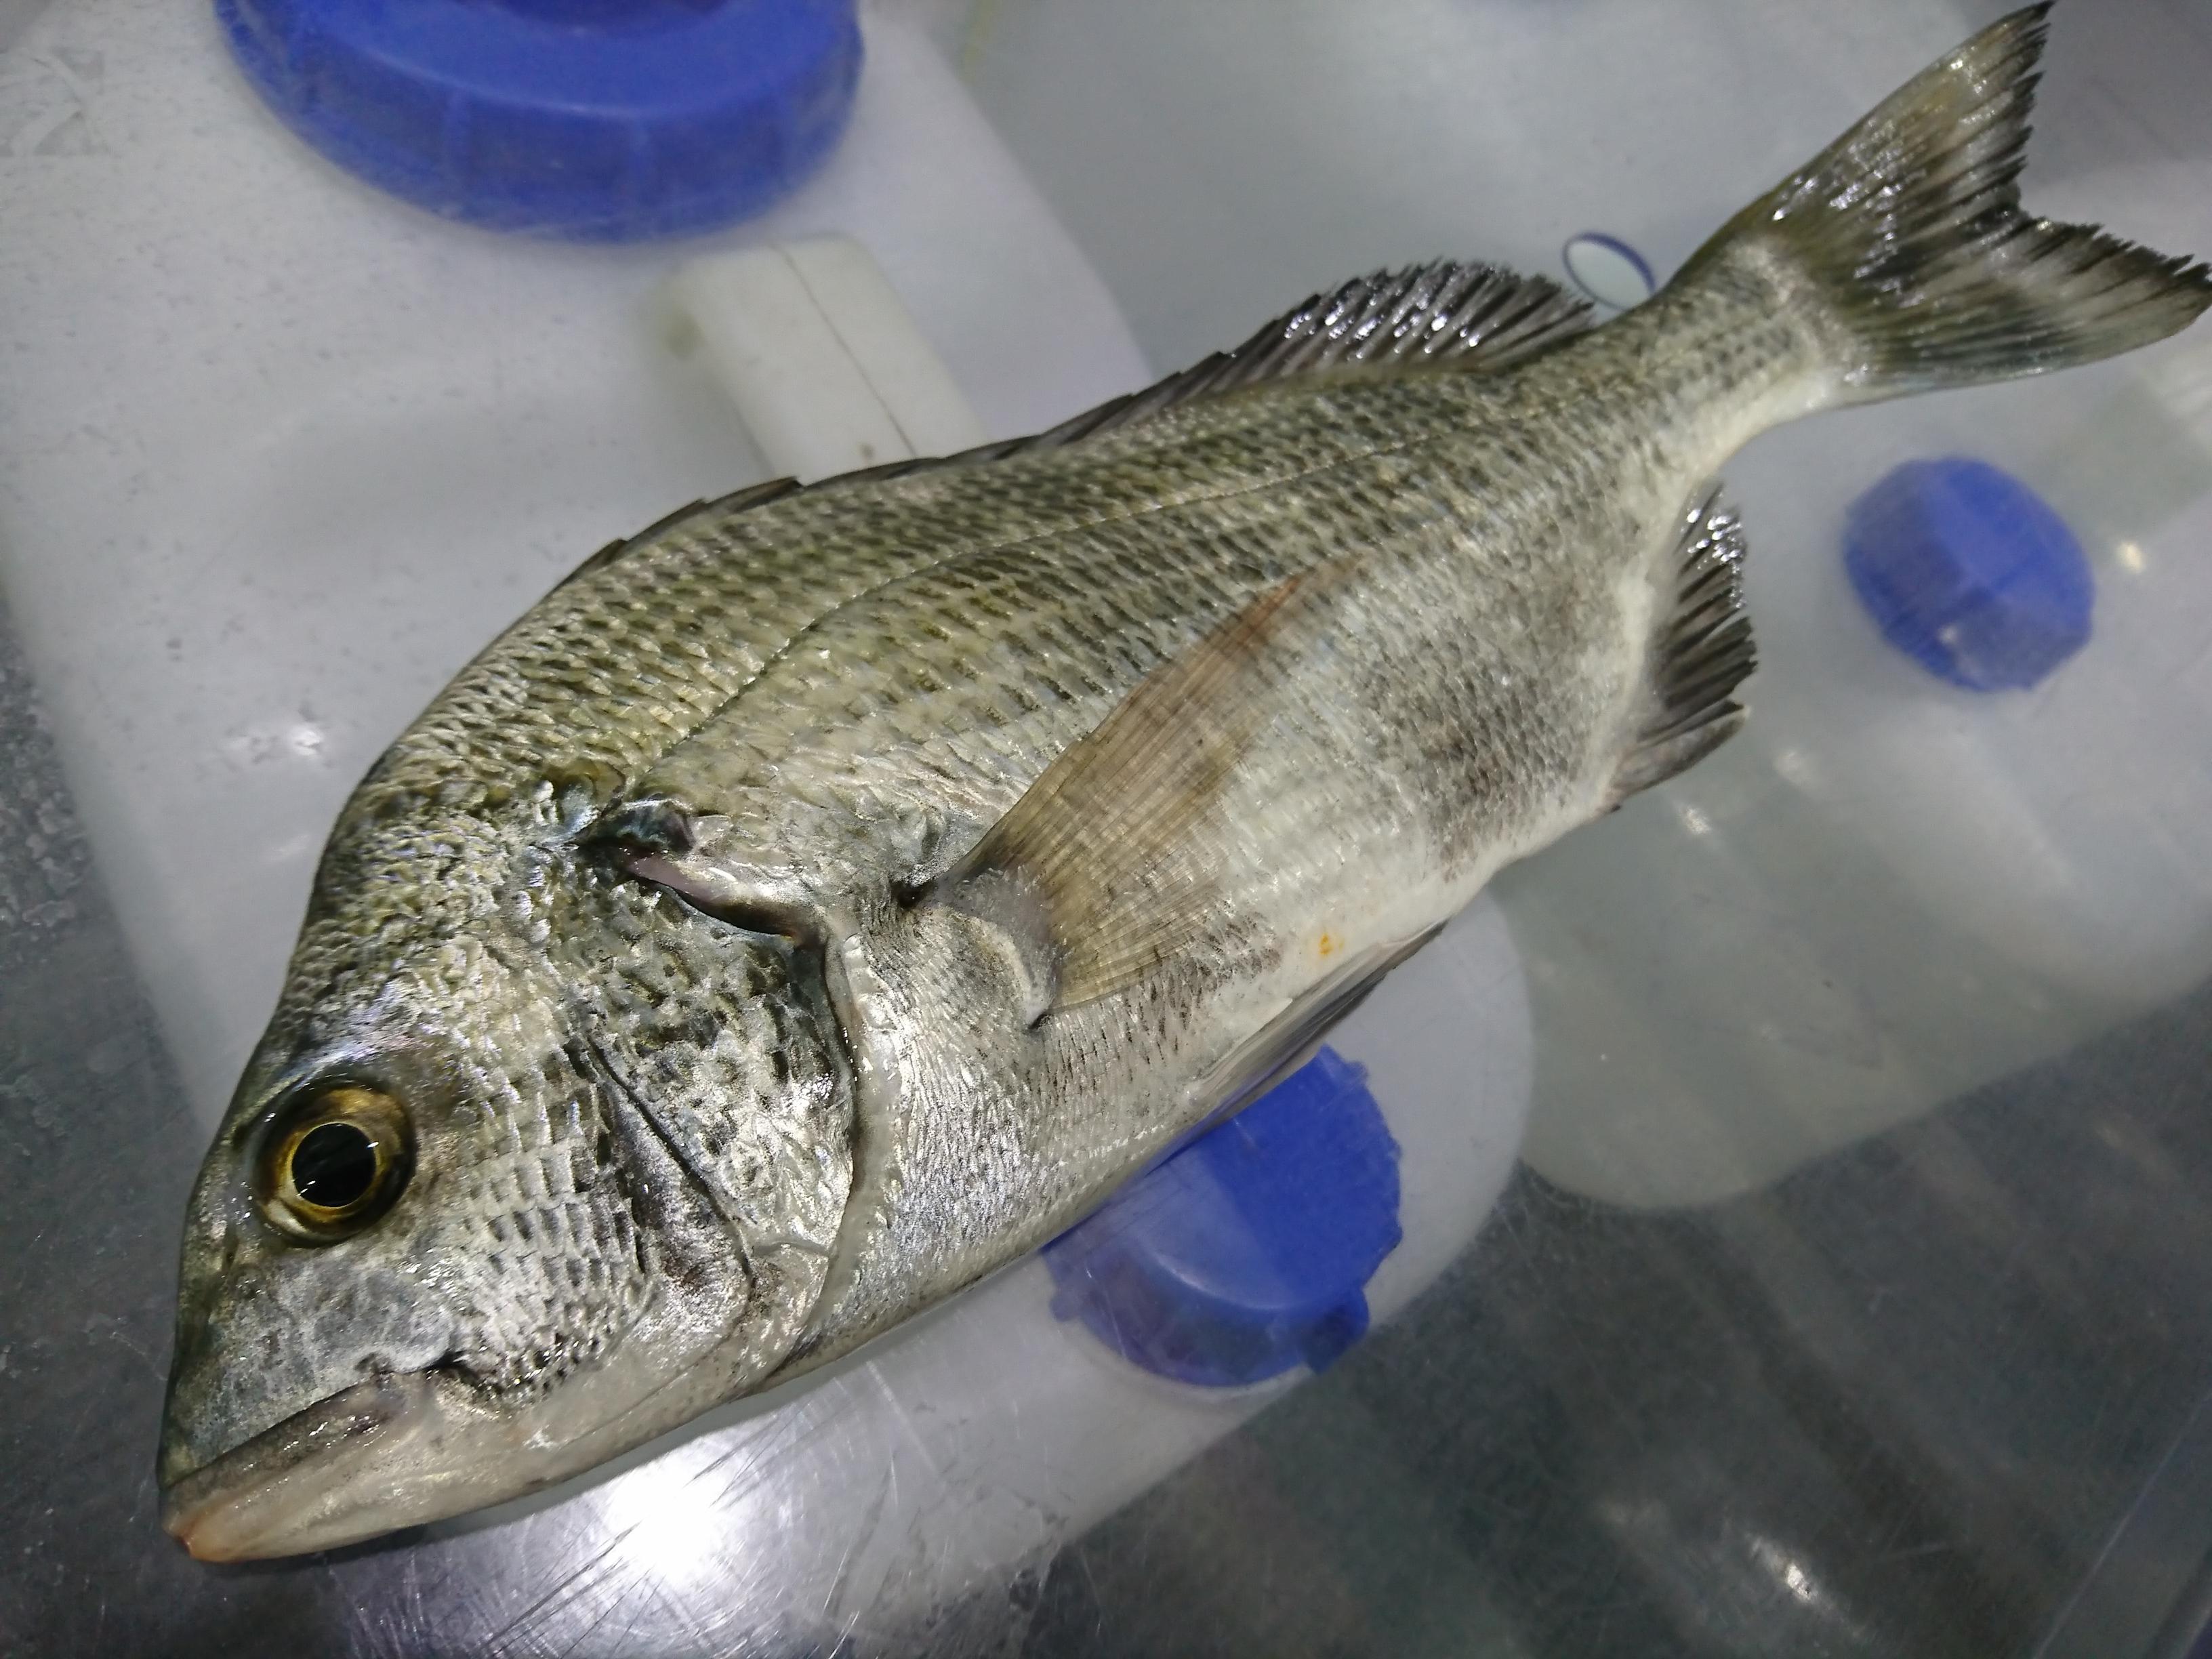 良型のクロダイが釣れました!沼津サーフのクロダイは絶品です!